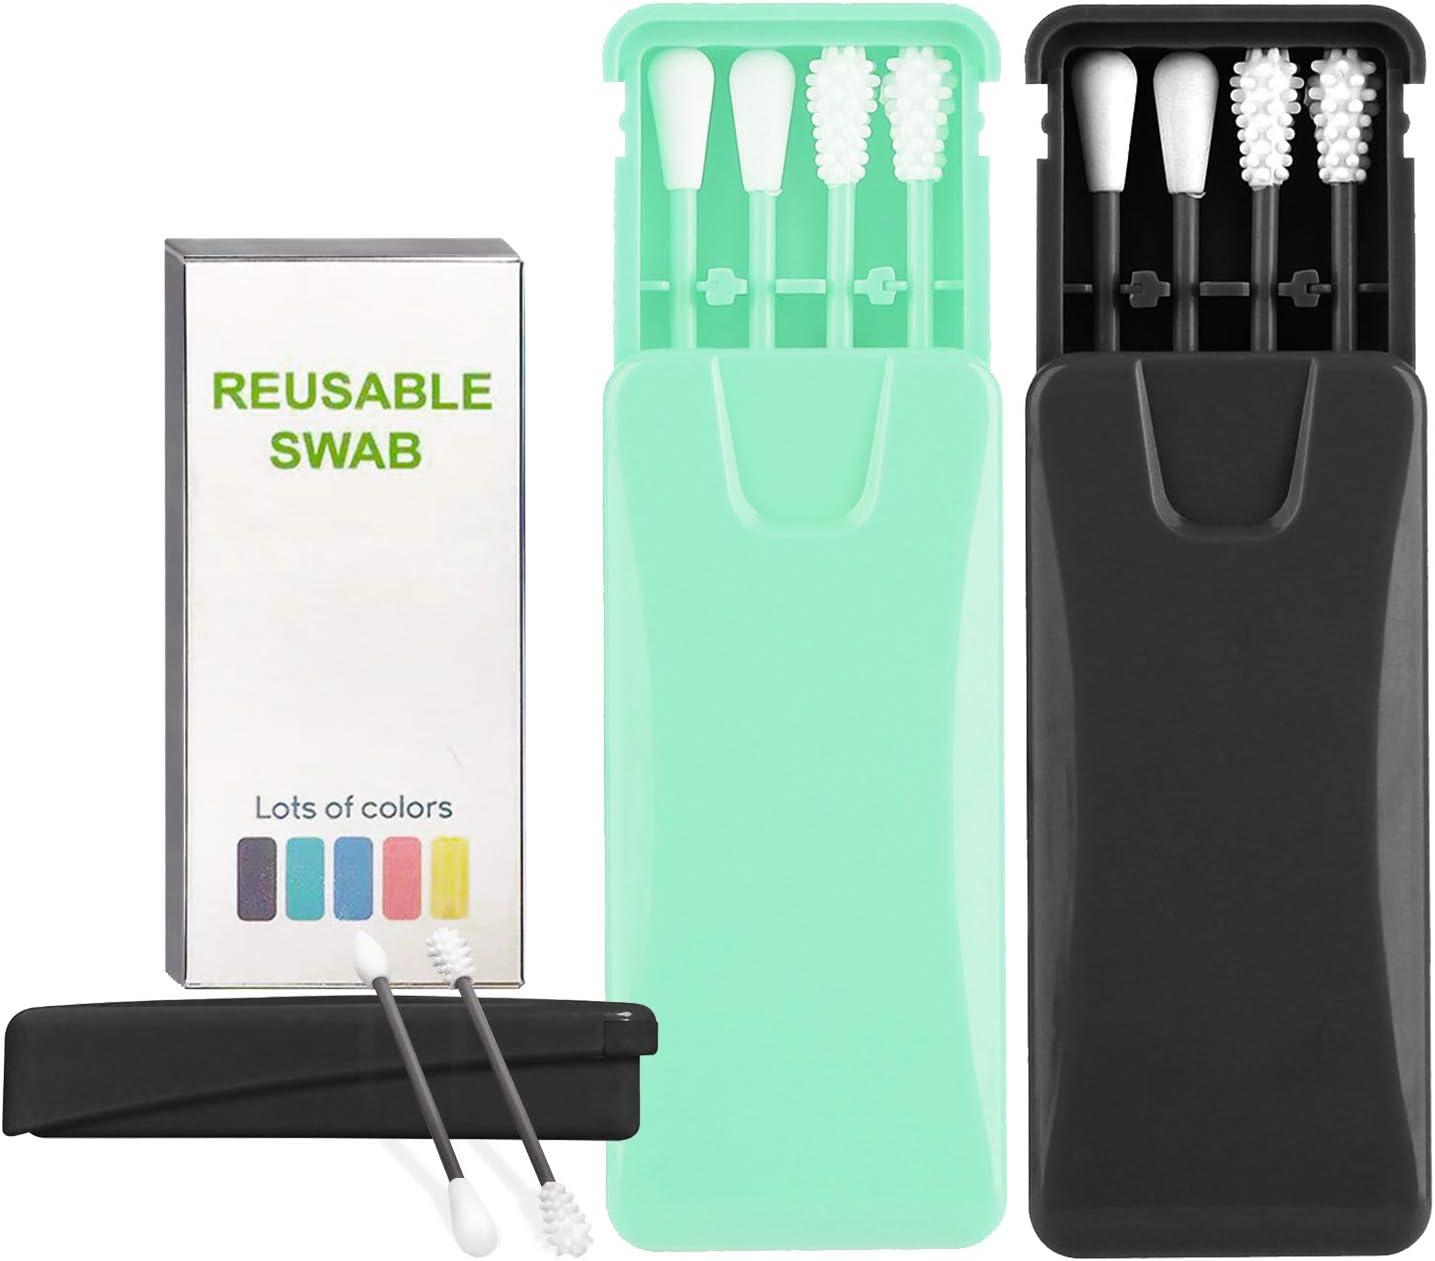 Bleu + rose 2 Bo/îte Coton-Tige R/éutilisable,Lavable Silicone Coton-tige Eco,B/âton doreille pour B/éb/é,Outil de D/émaquillant